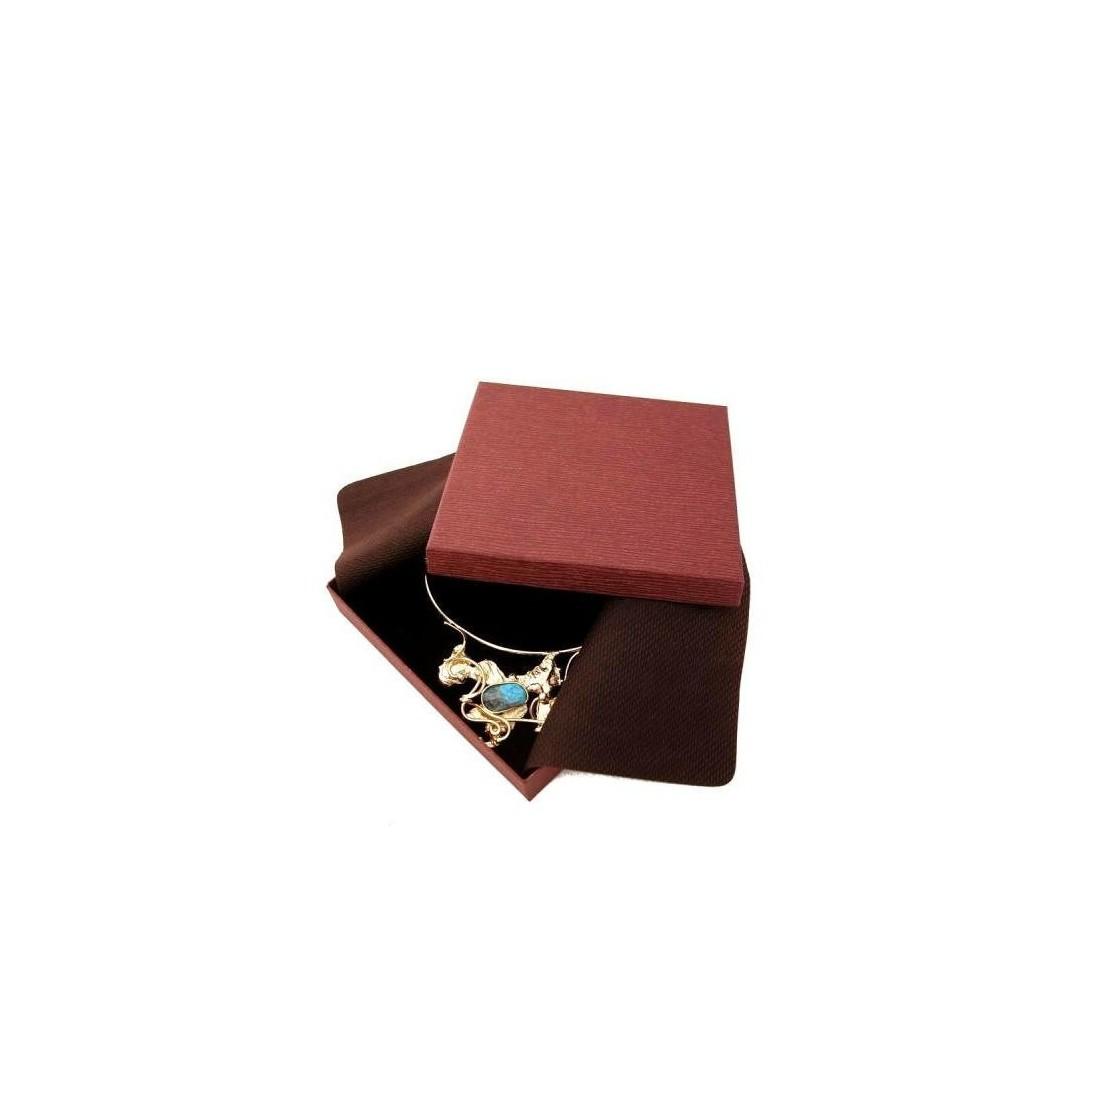 Boite cadeau marron pour collier